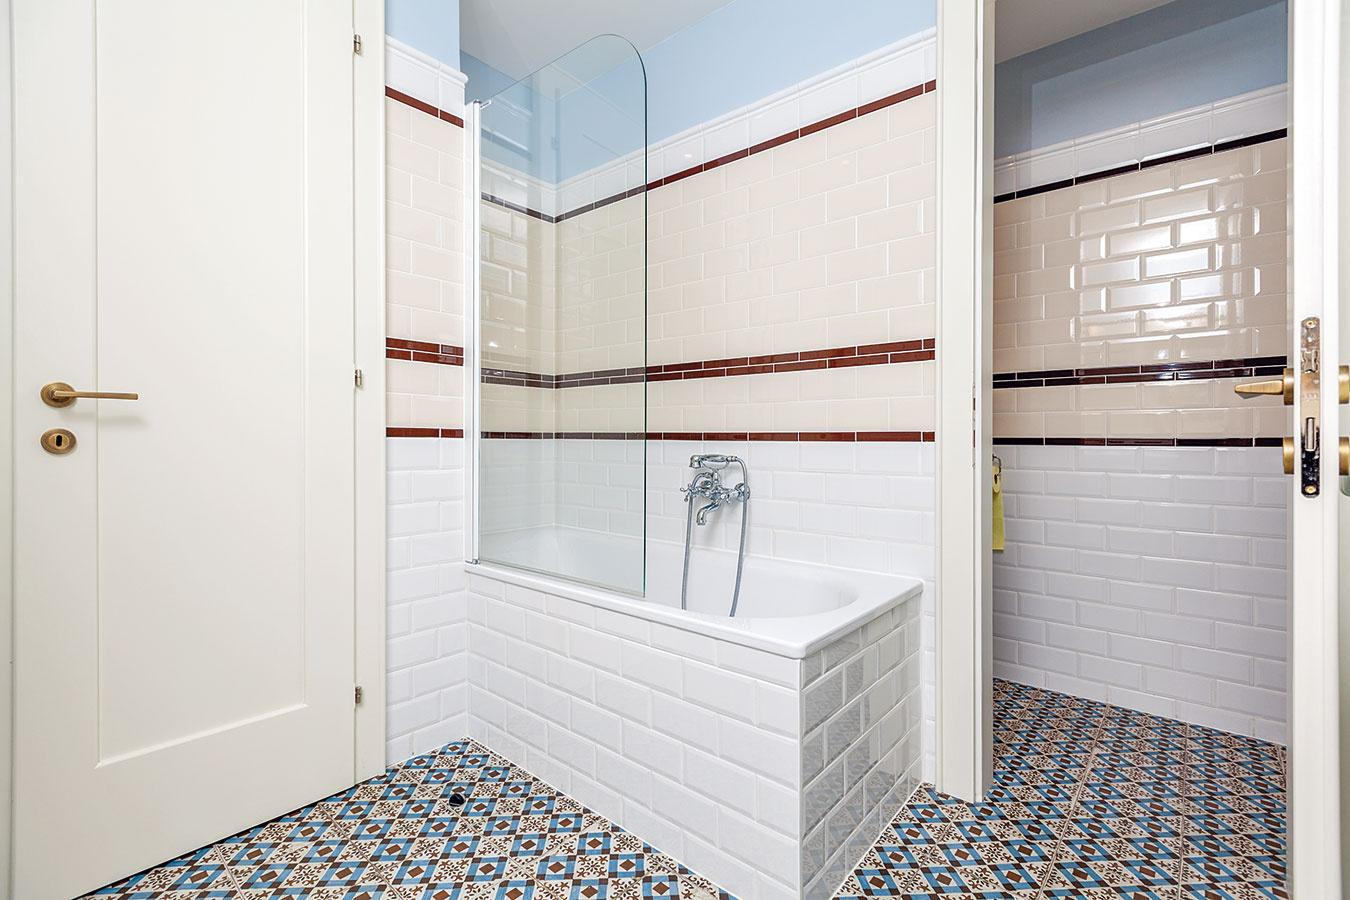 Z hlavnej kúpeľne je prístupné oddelené WC. Farebnosť obkladu zladila Kamila s dlažbou, štýl s duchom päťdesiatych rokov.